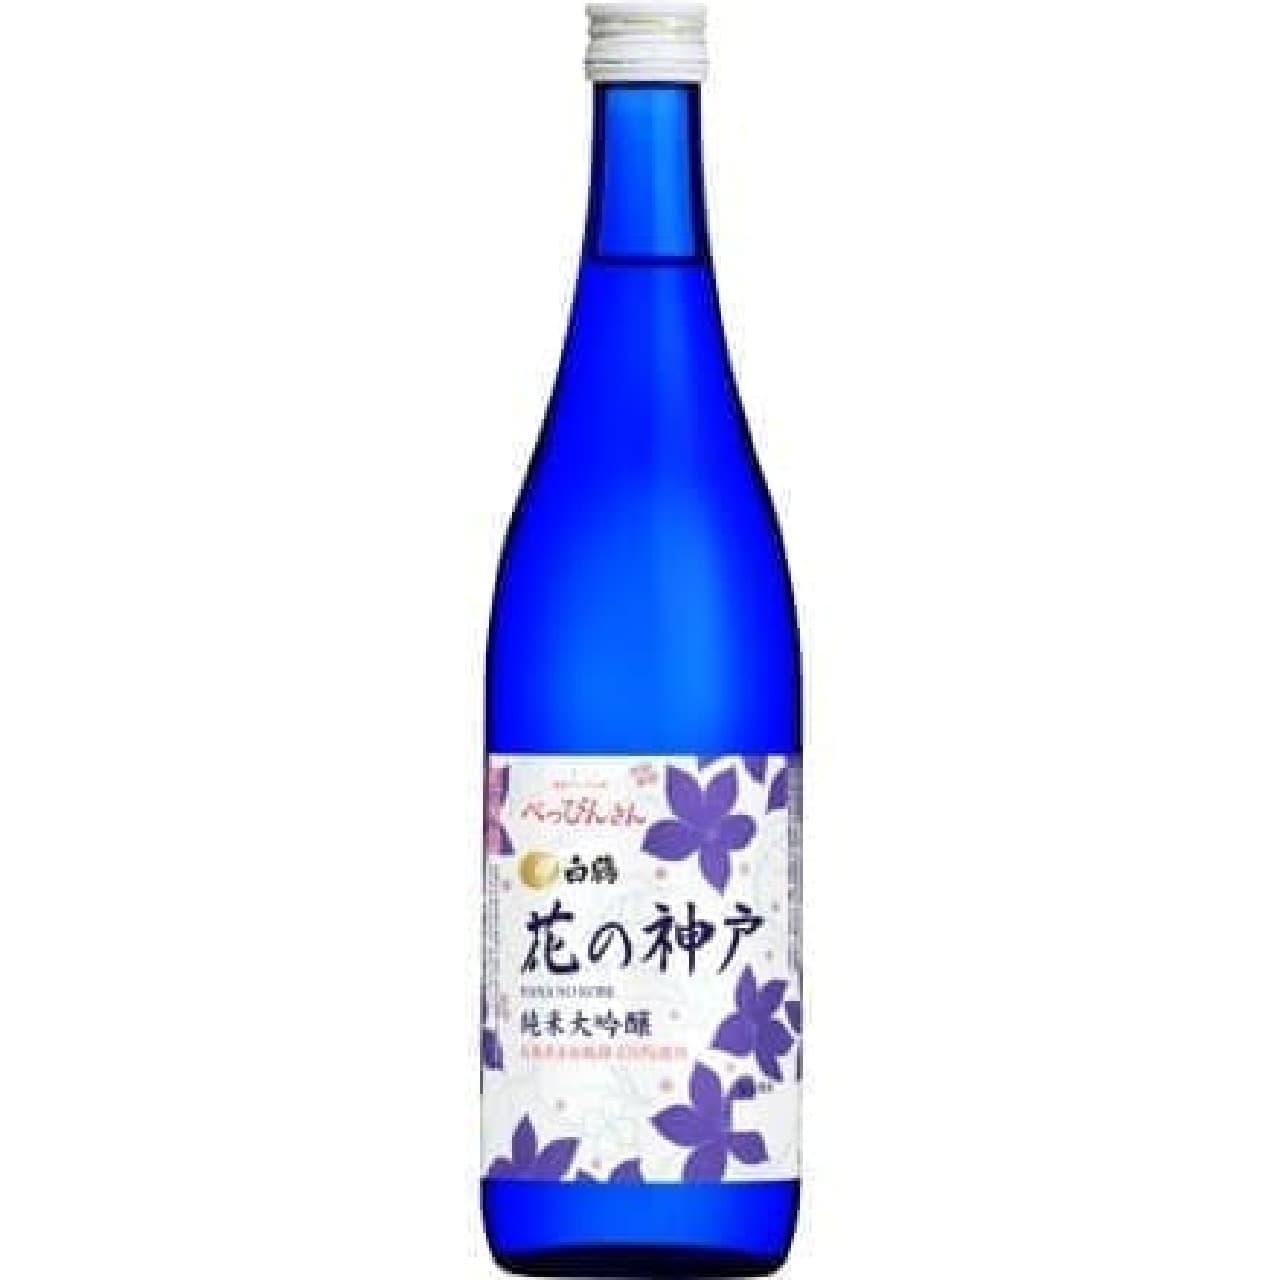 白鶴酒造「超特撰 白鶴 純米大吟醸 花の神戸」